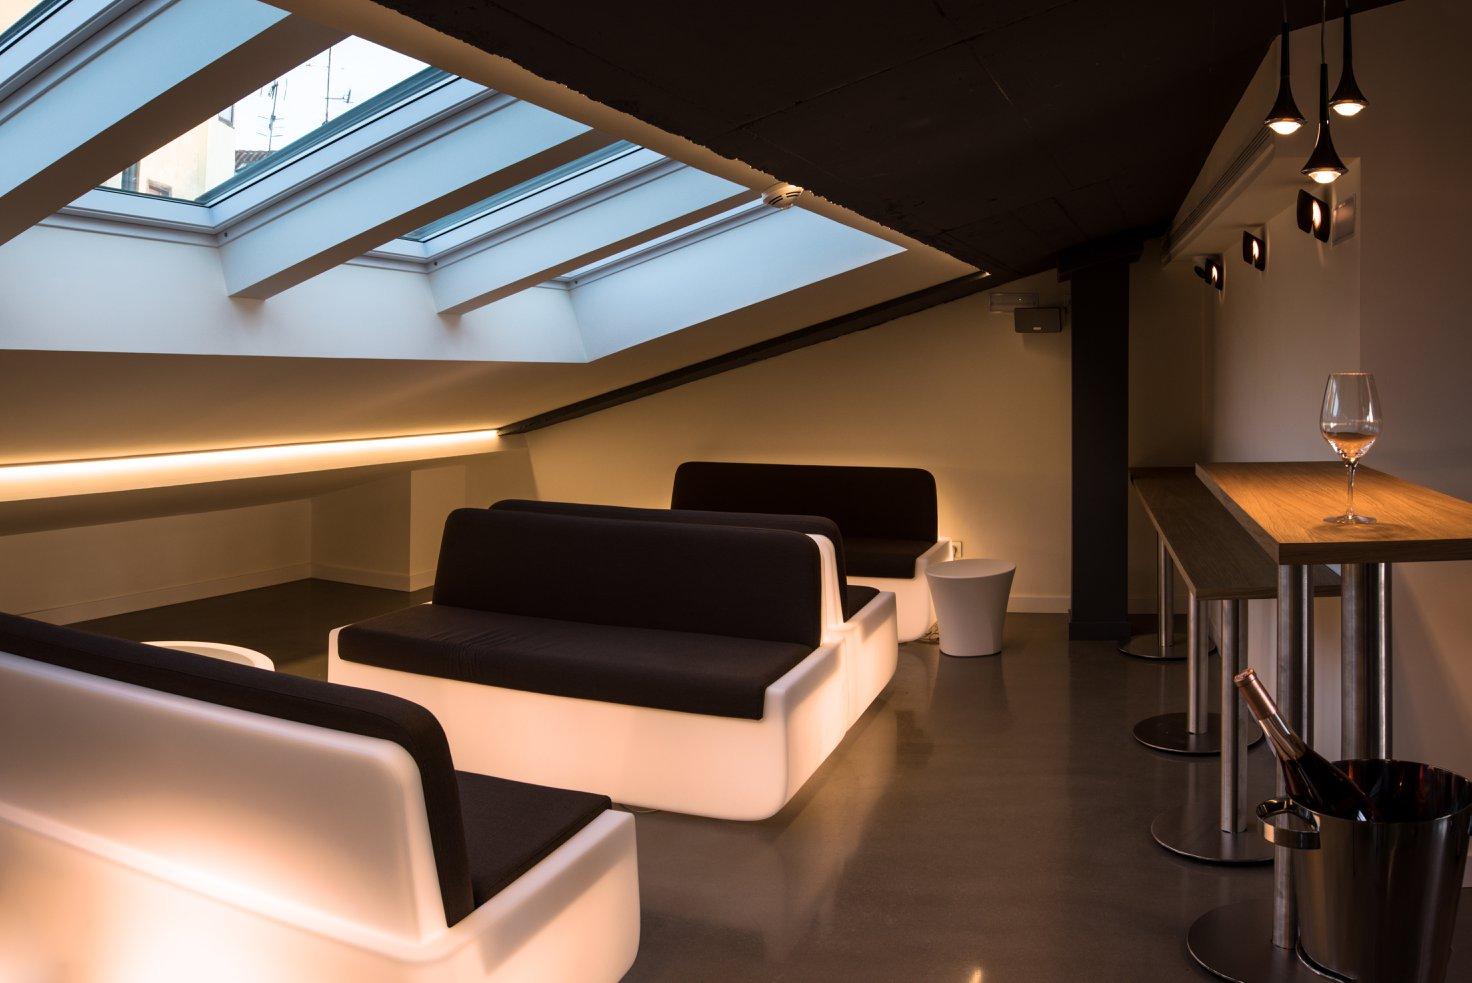 Muebles iluminados en hotel